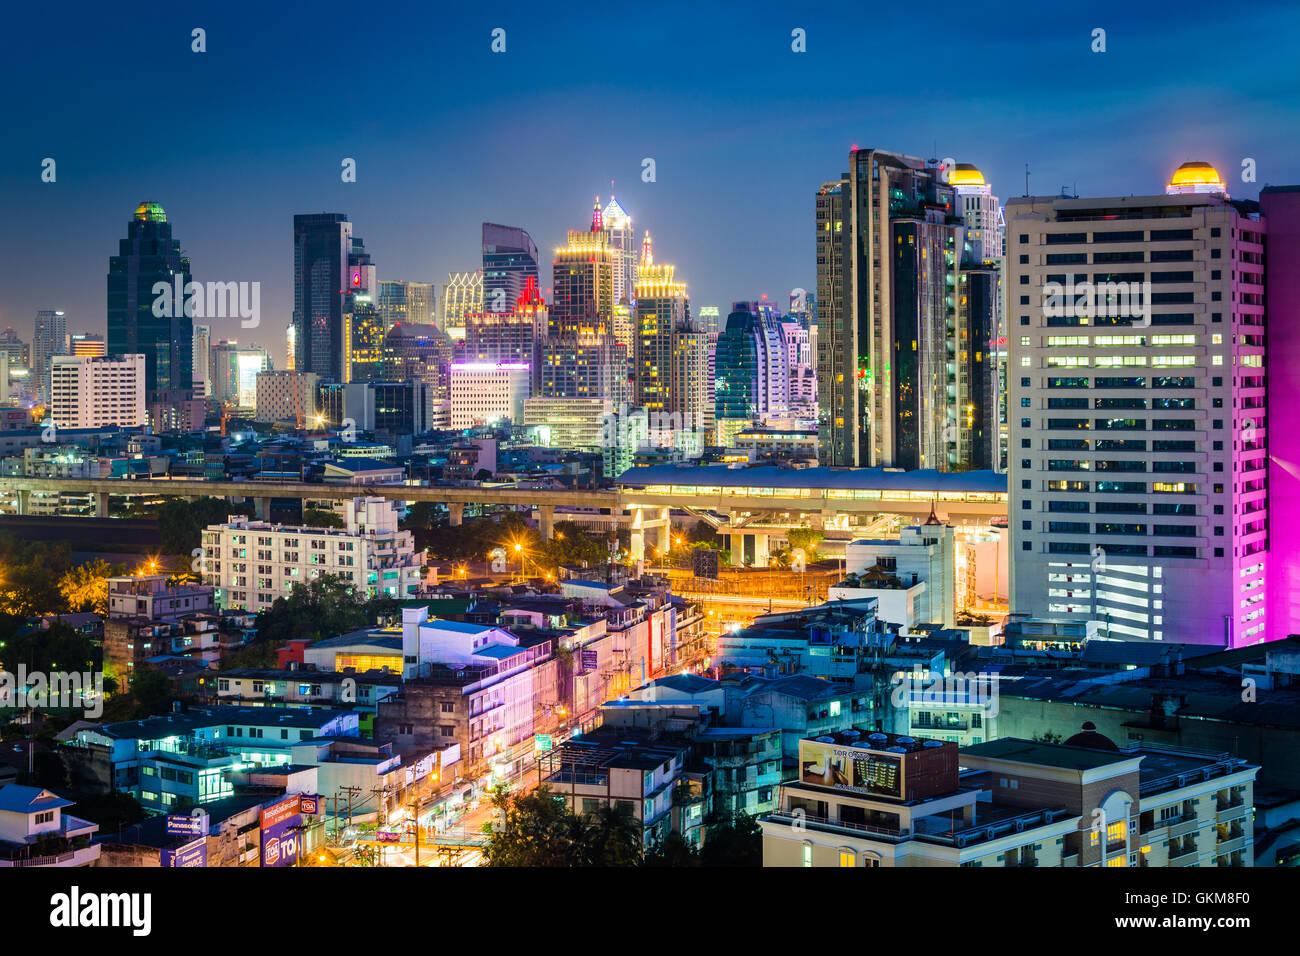 Vue sur les gratte-ciel modernes de nuit, à Bangkok, Thaïlande. Photo Stock